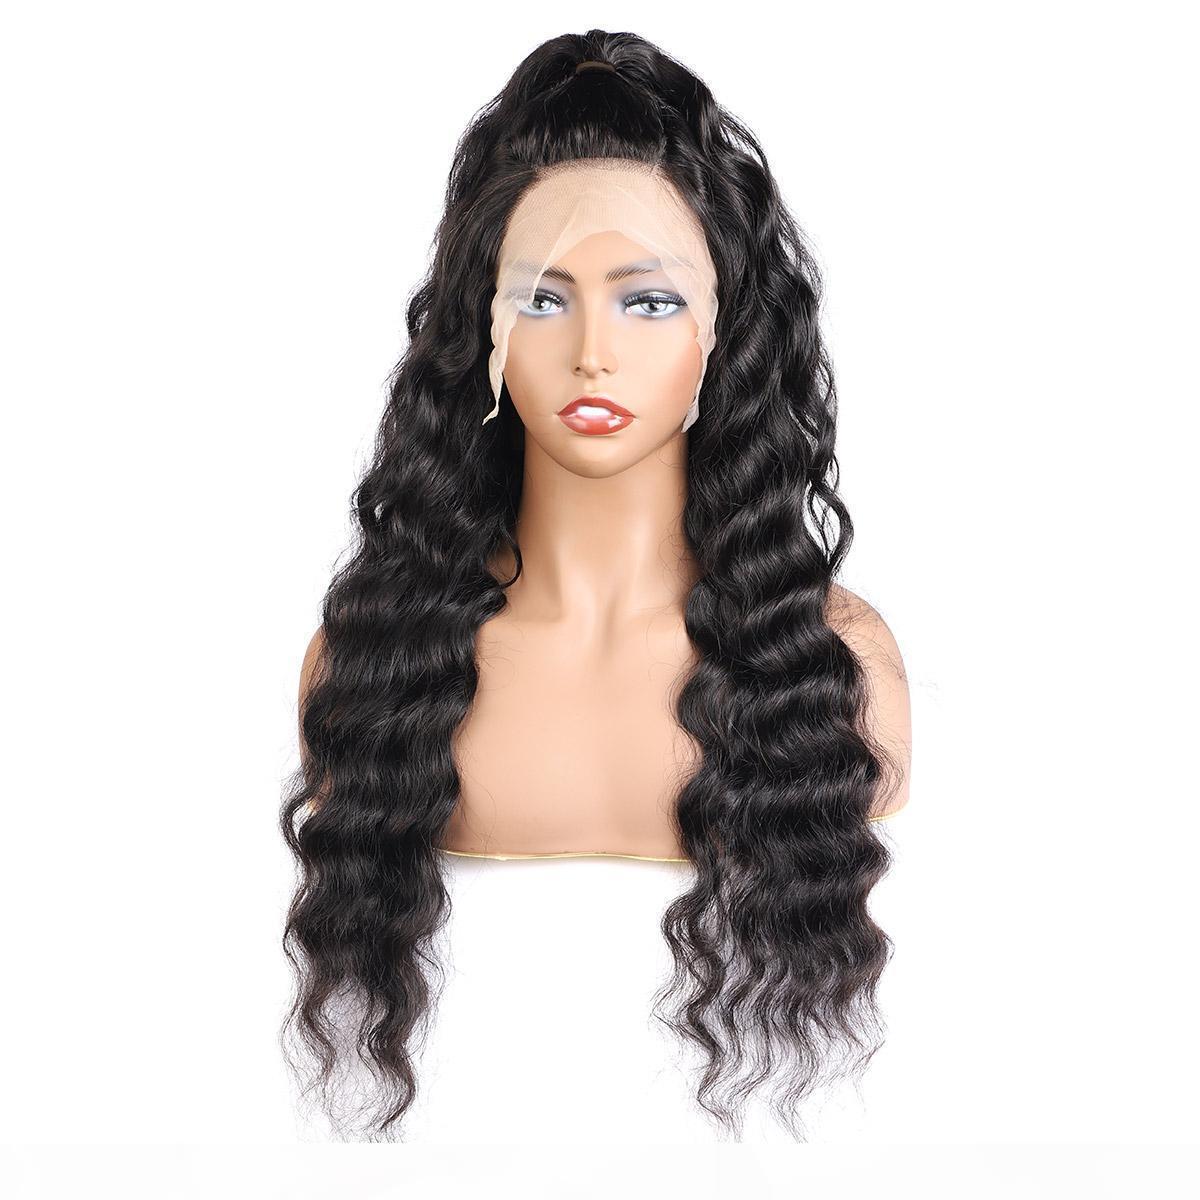 10A déchaîne Vague 4 * 4 Transparent Dentelle Fermeture Perruques Brésilien Cheveux raides perruques de cheveux humains avec bébé corps cheveux bouclés Vague Kinky